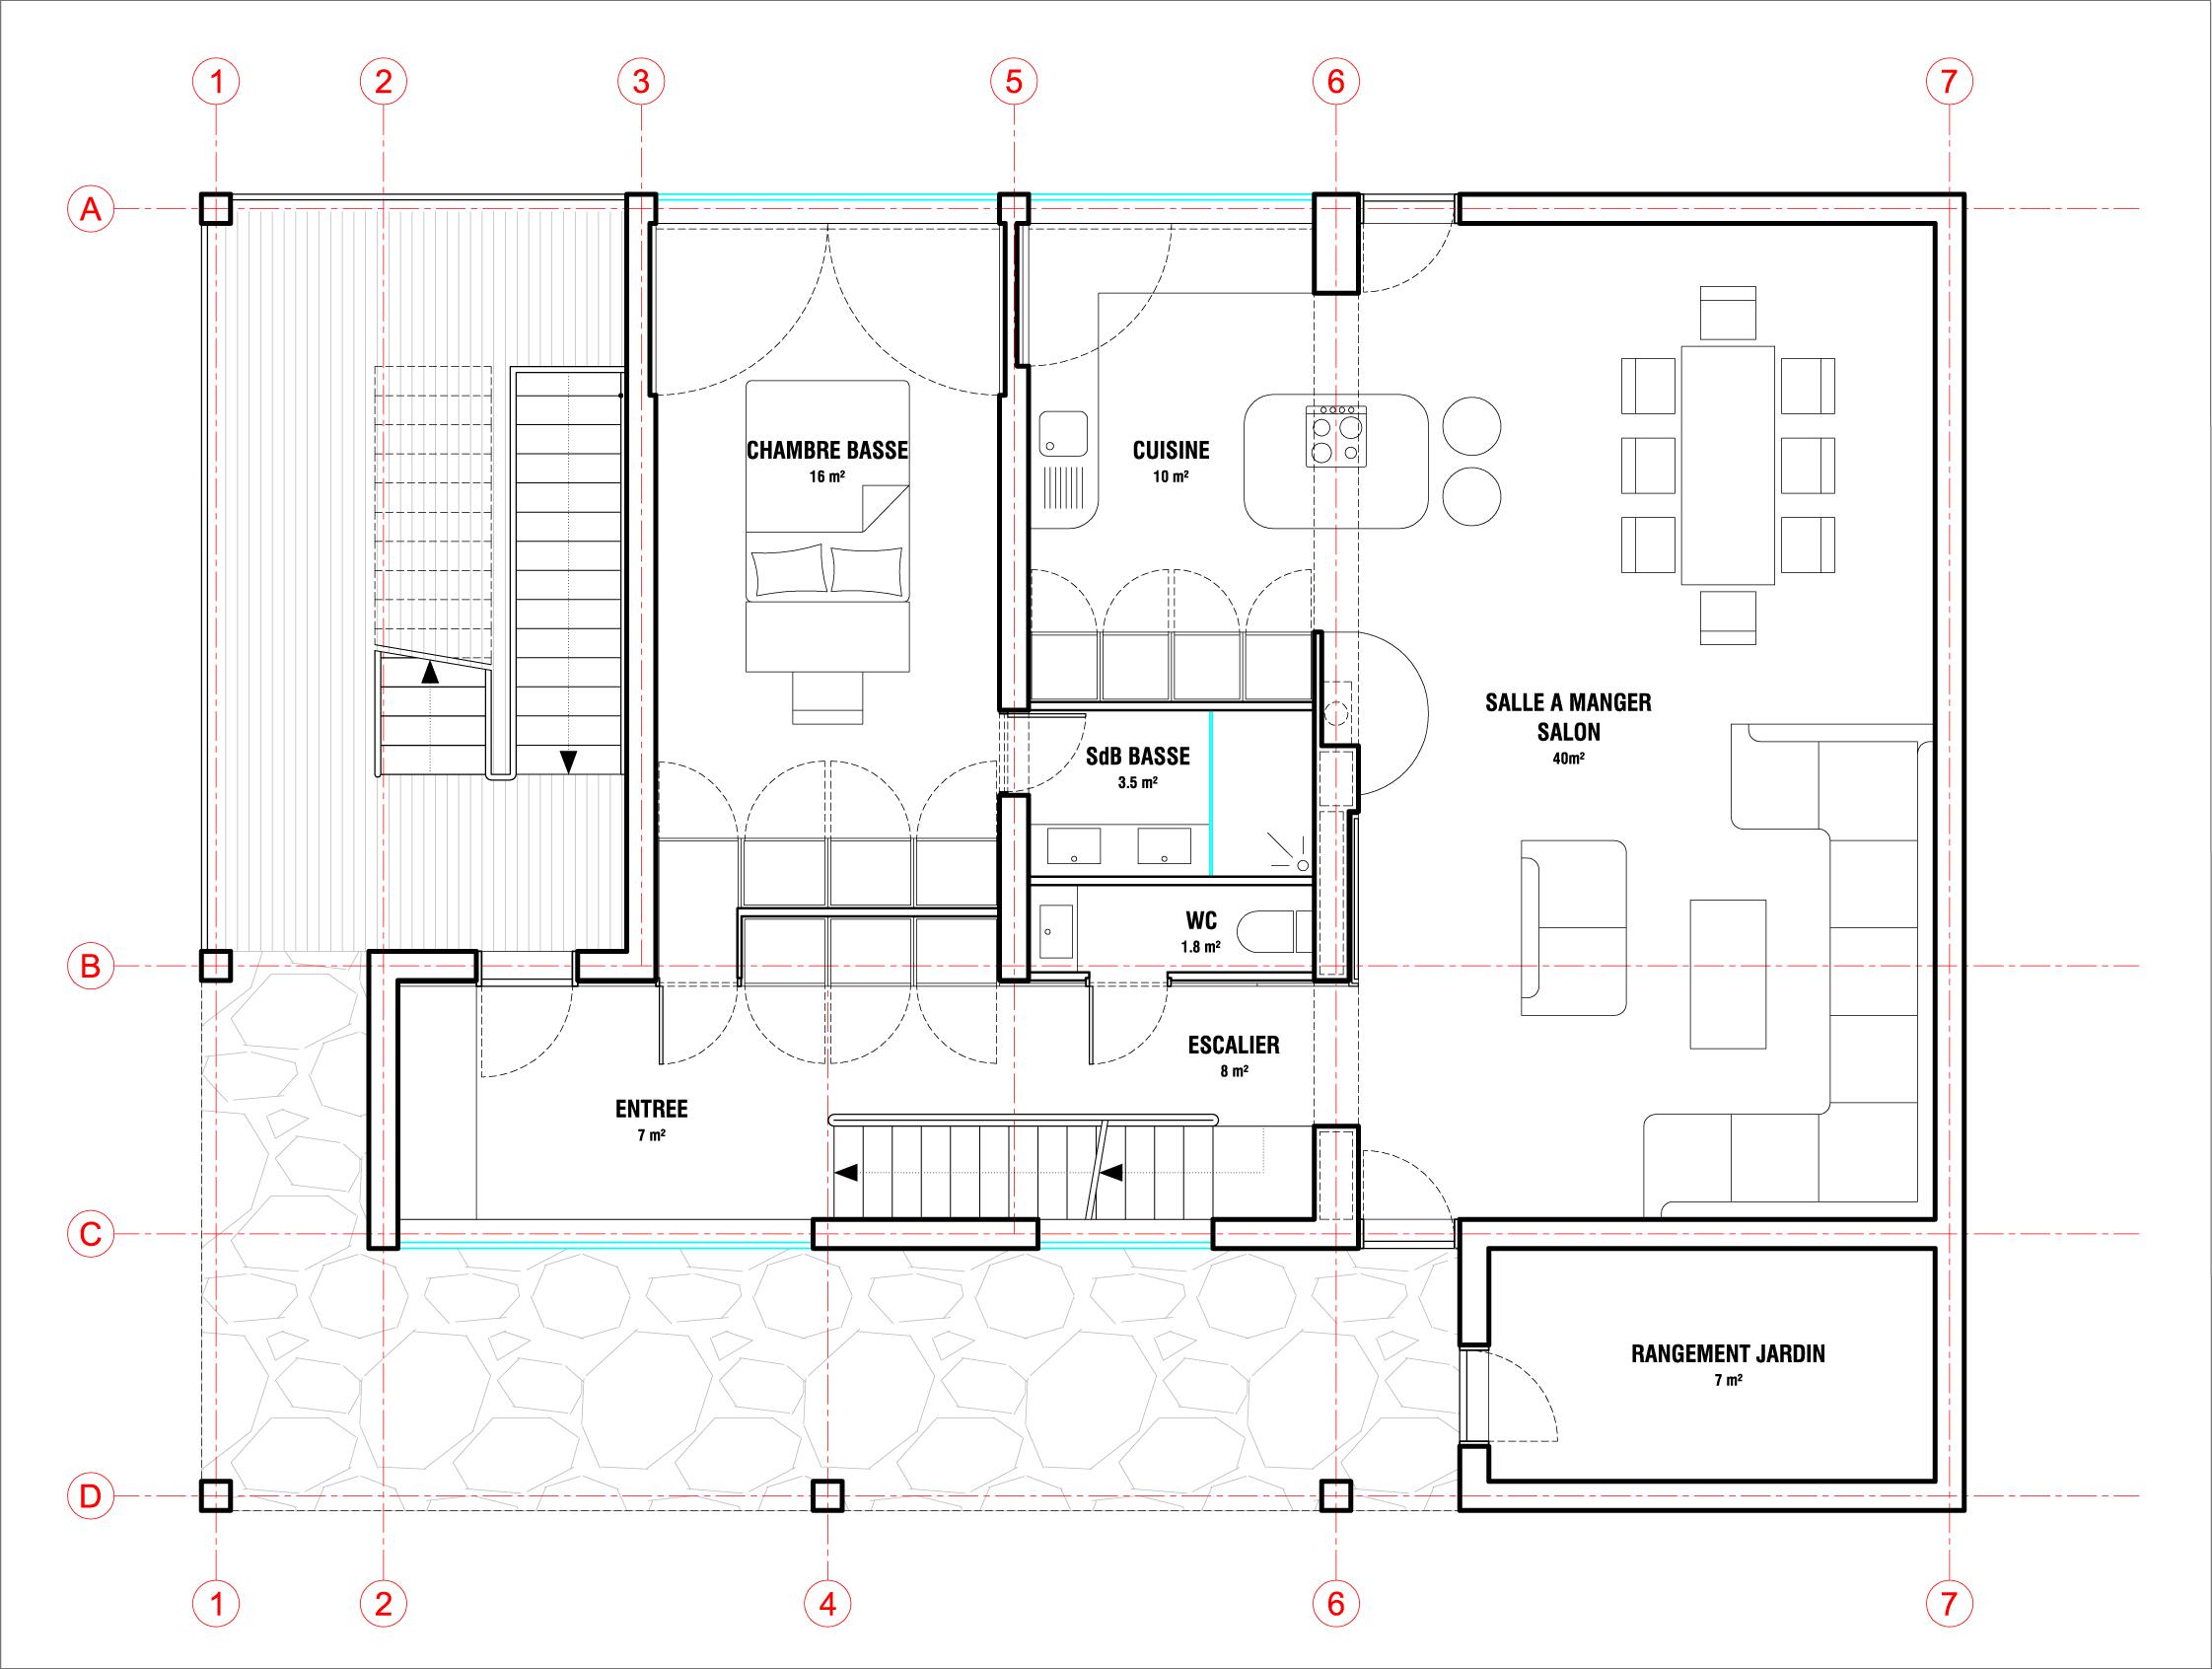 Amazing Plan Niveau Ou Placer Bouche Vmc Cuisine With Vmc Chambre